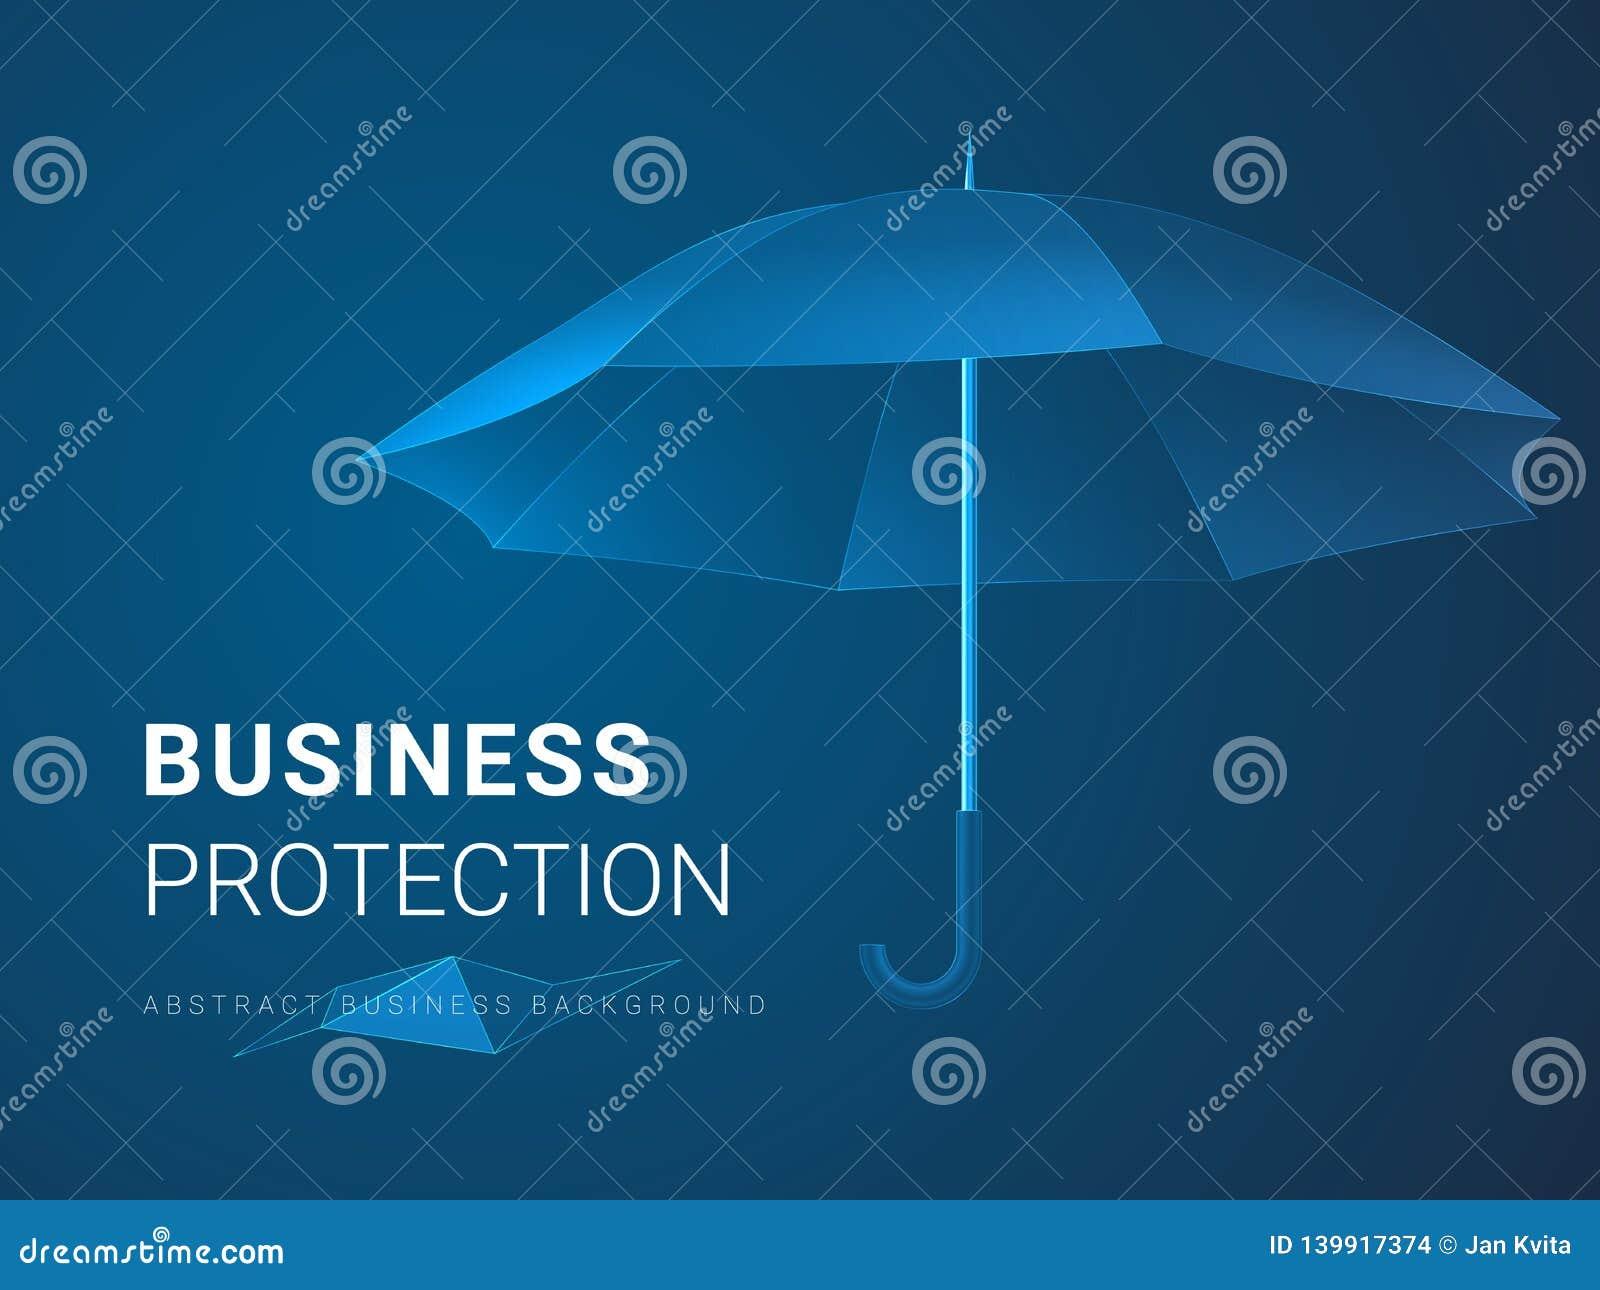 Vecteur moderne abstrait de fond d affaires dépeignant la protection d affaires dans la forme d un parapluie sur le fond bleu